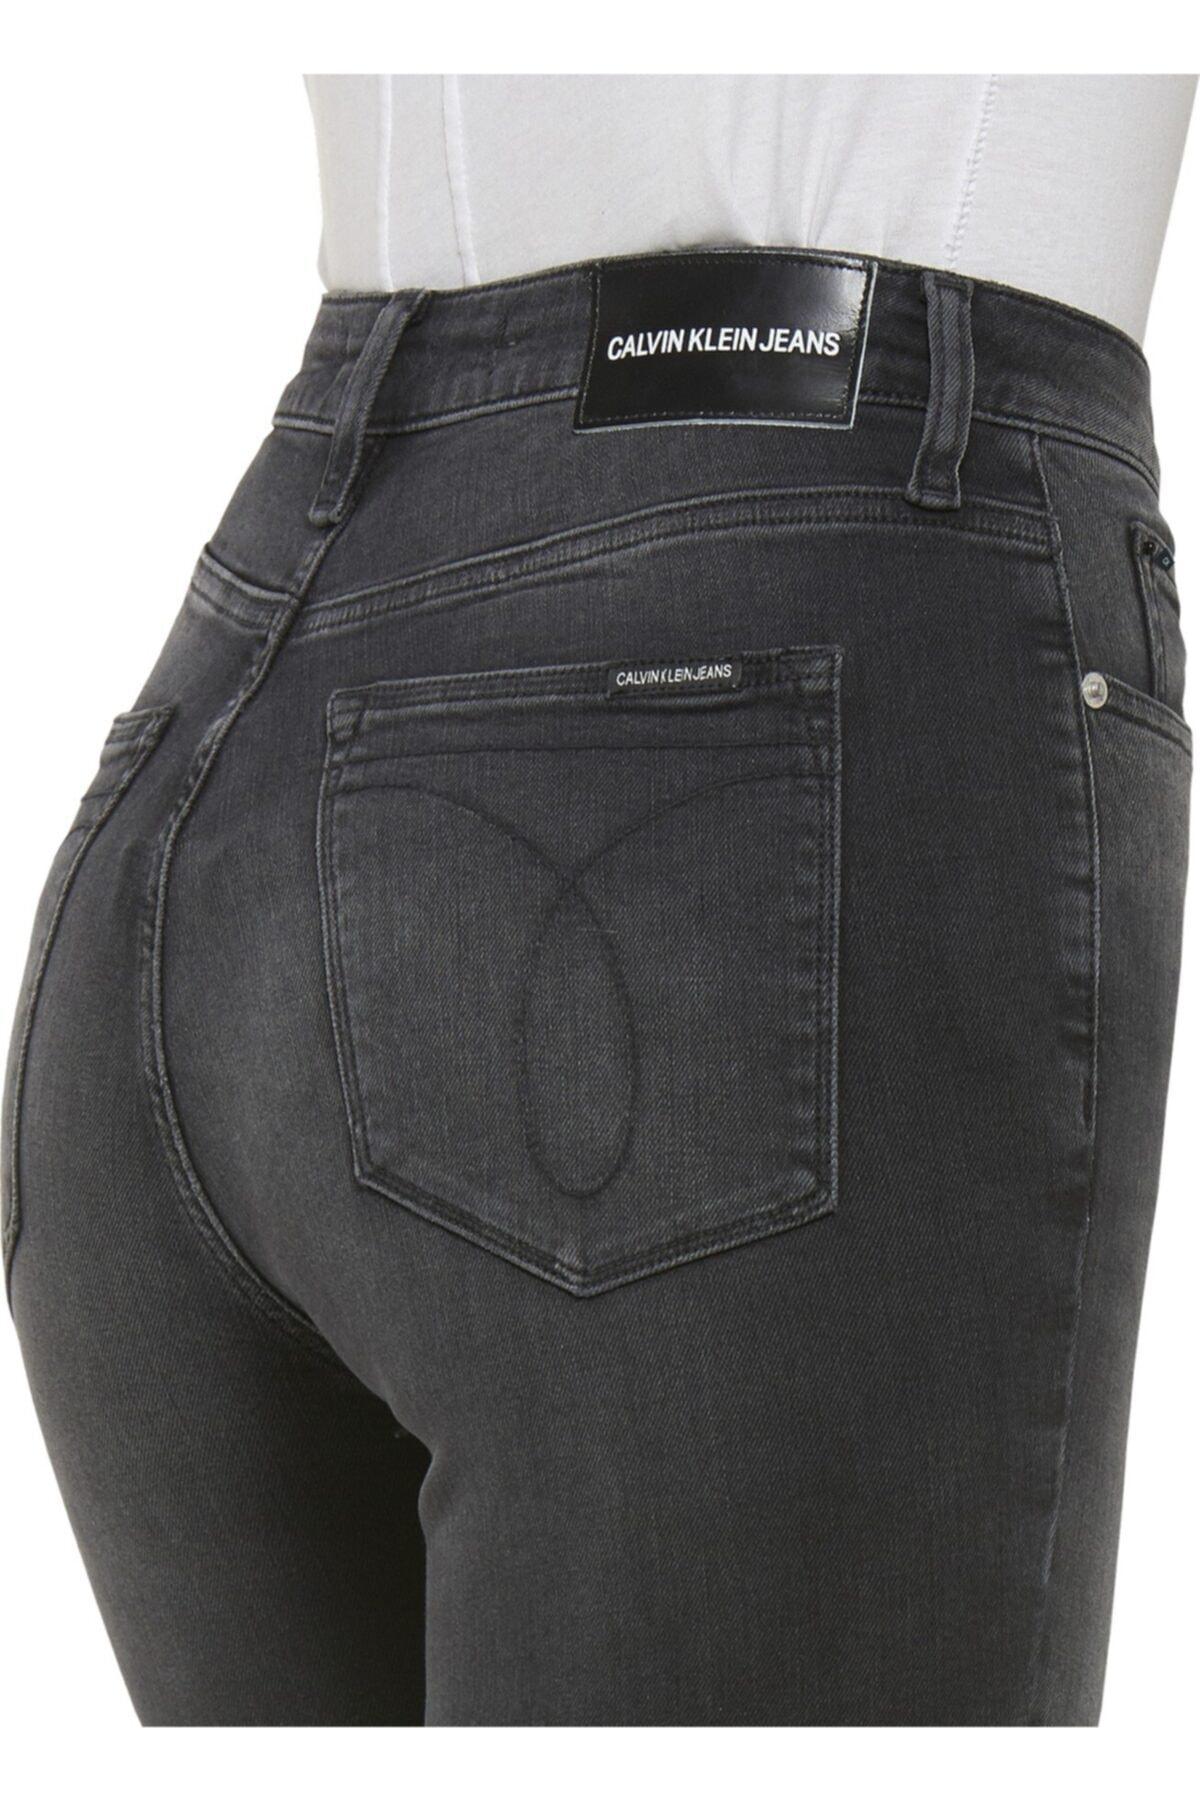 Calvin Klein Kadın Pantolon J20j210999 2